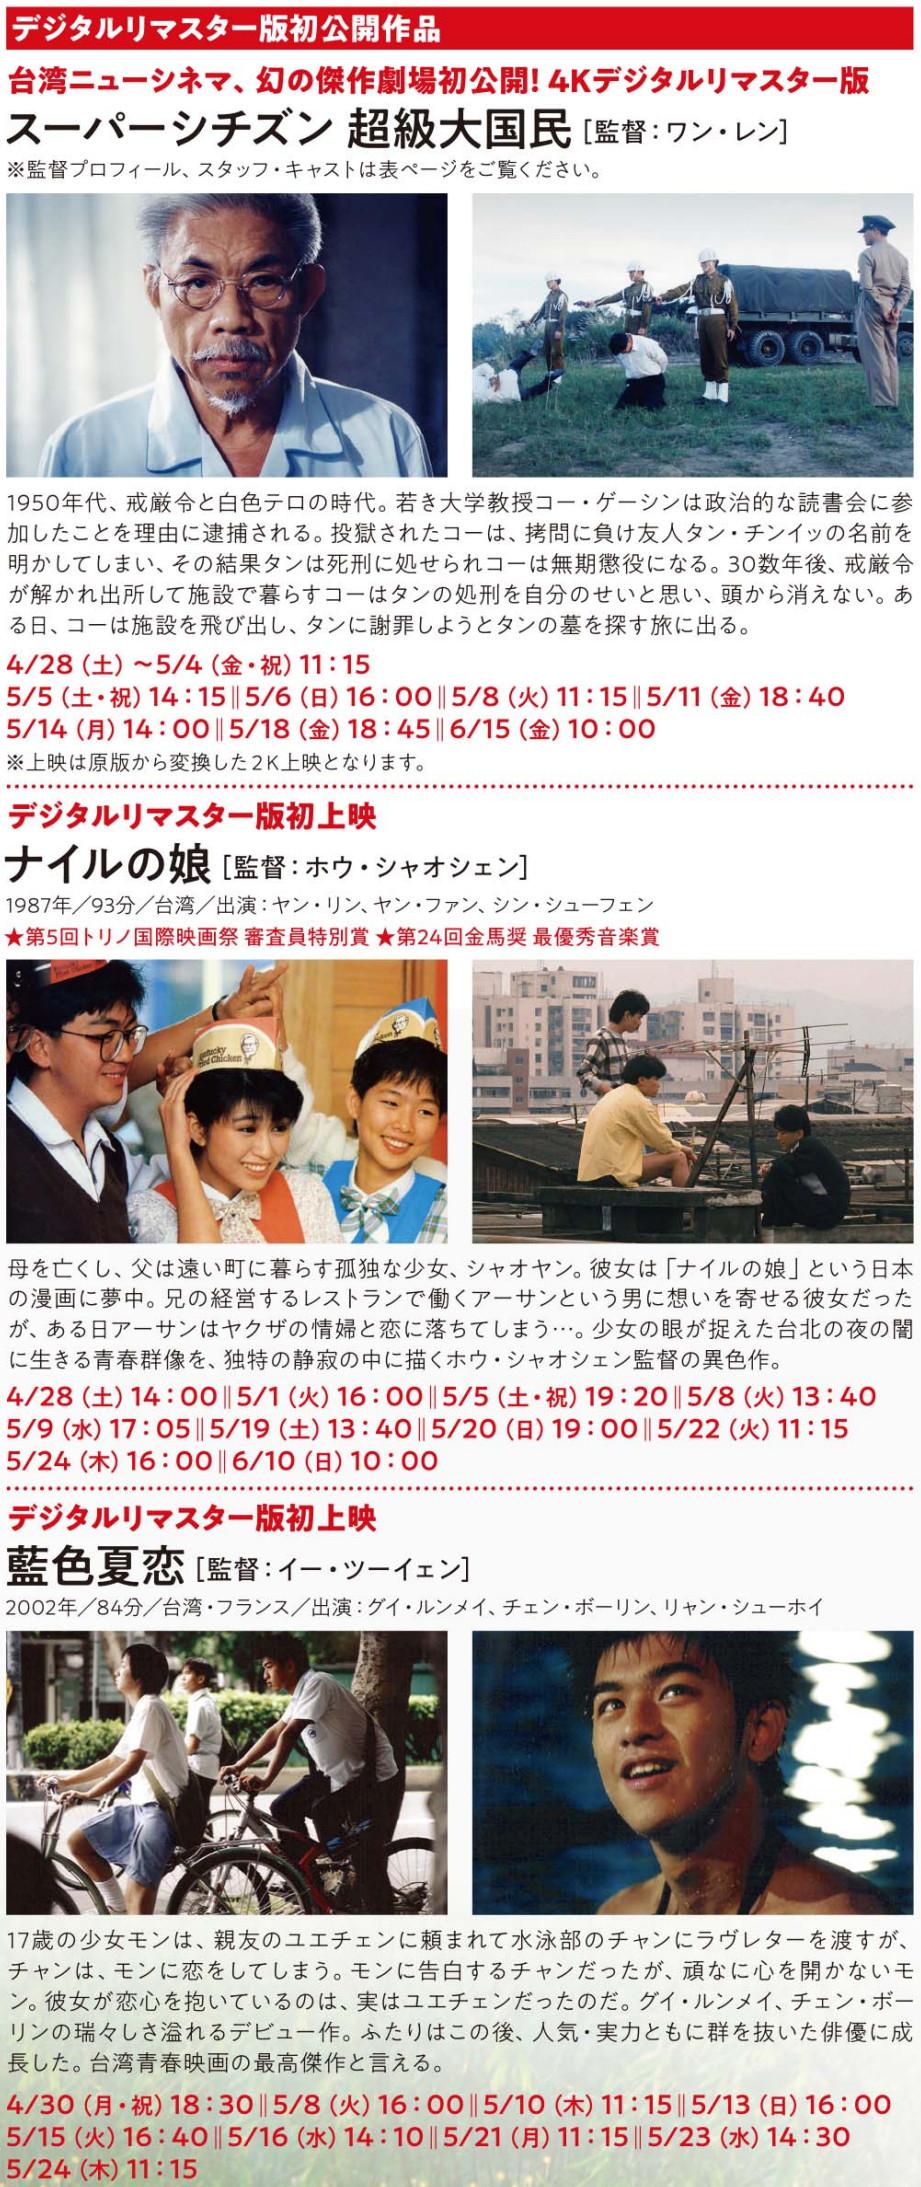 taiwankyosho002